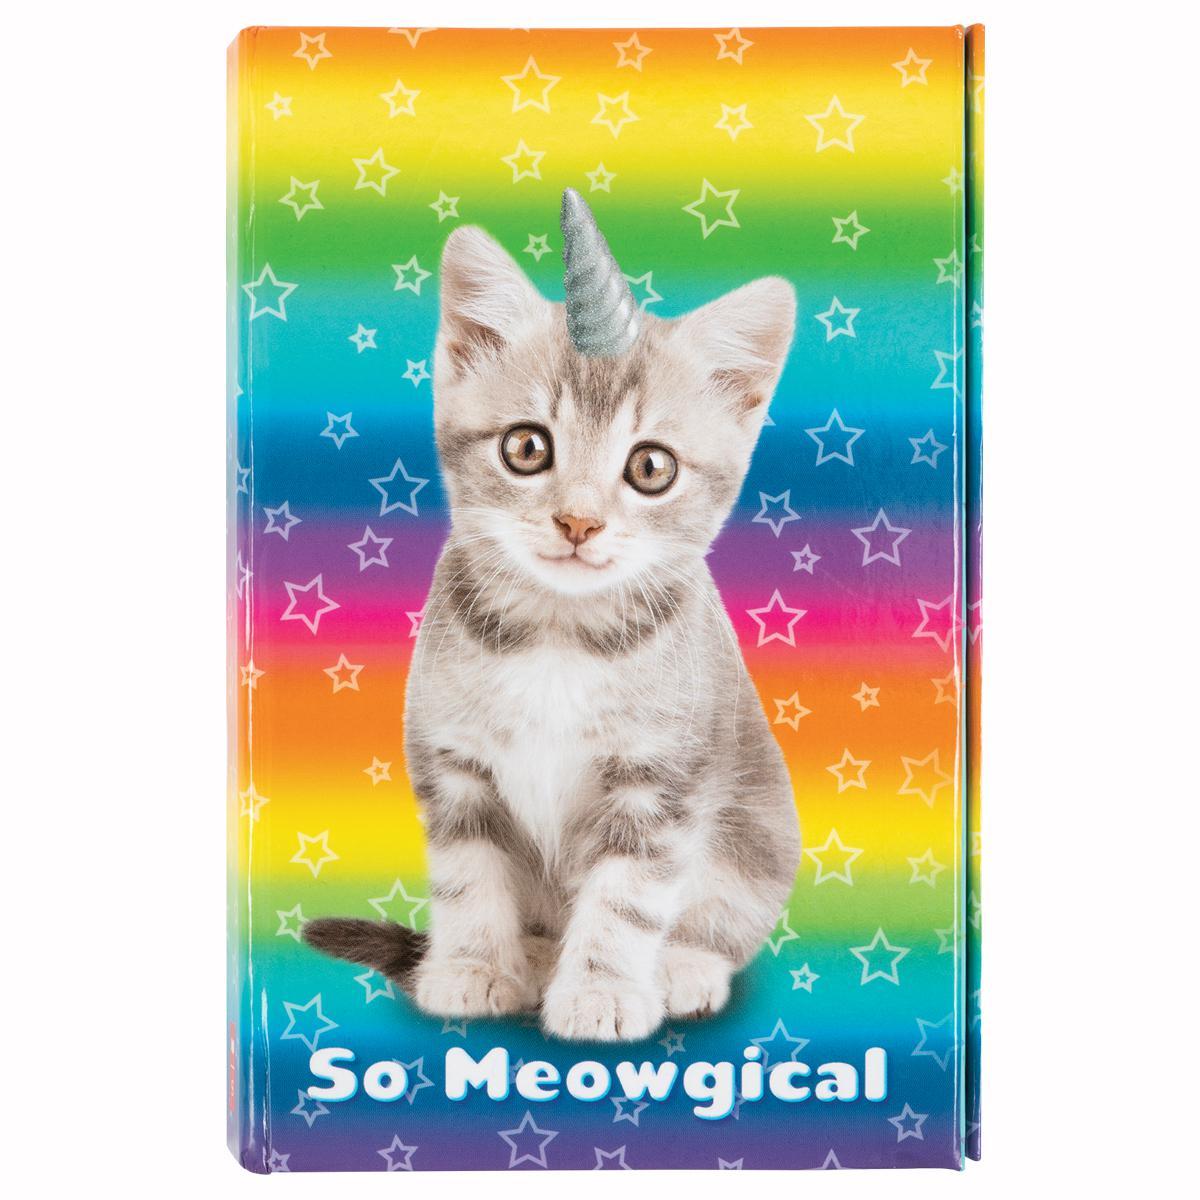 So Meowgical Tri-fold